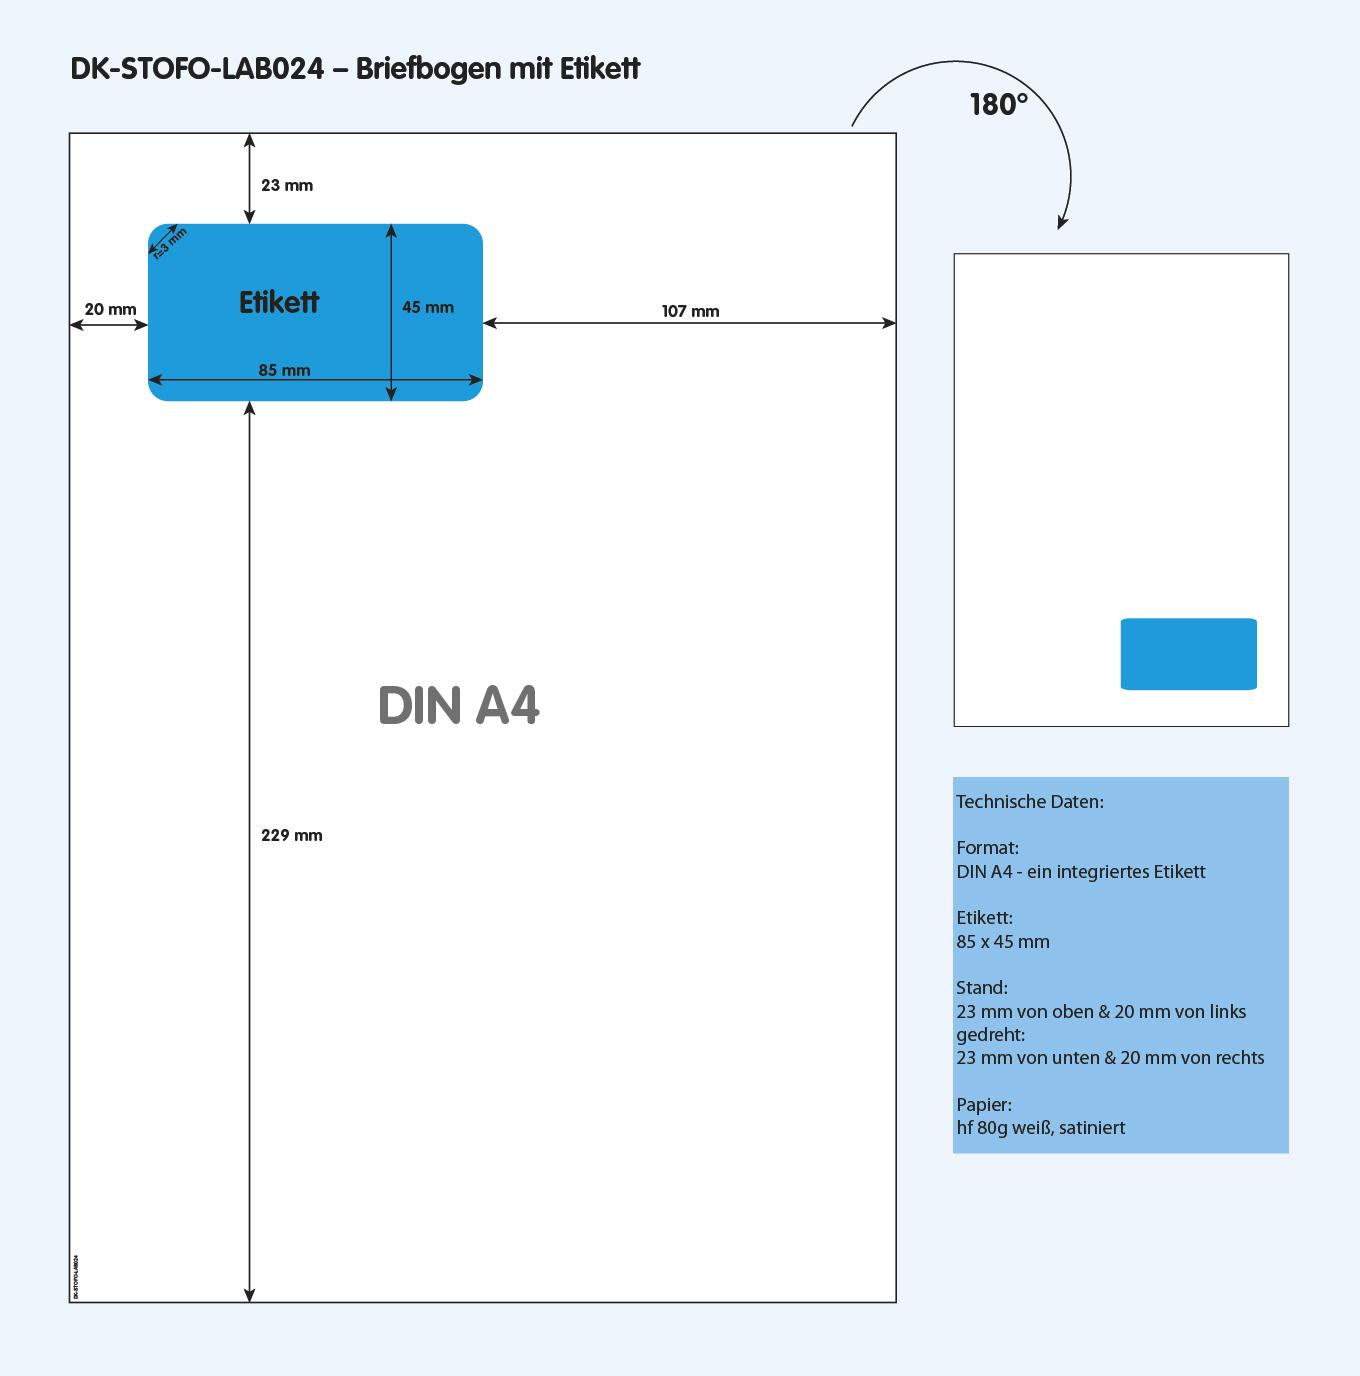 DK-STOFO-LAB024 - technische Zeichnung